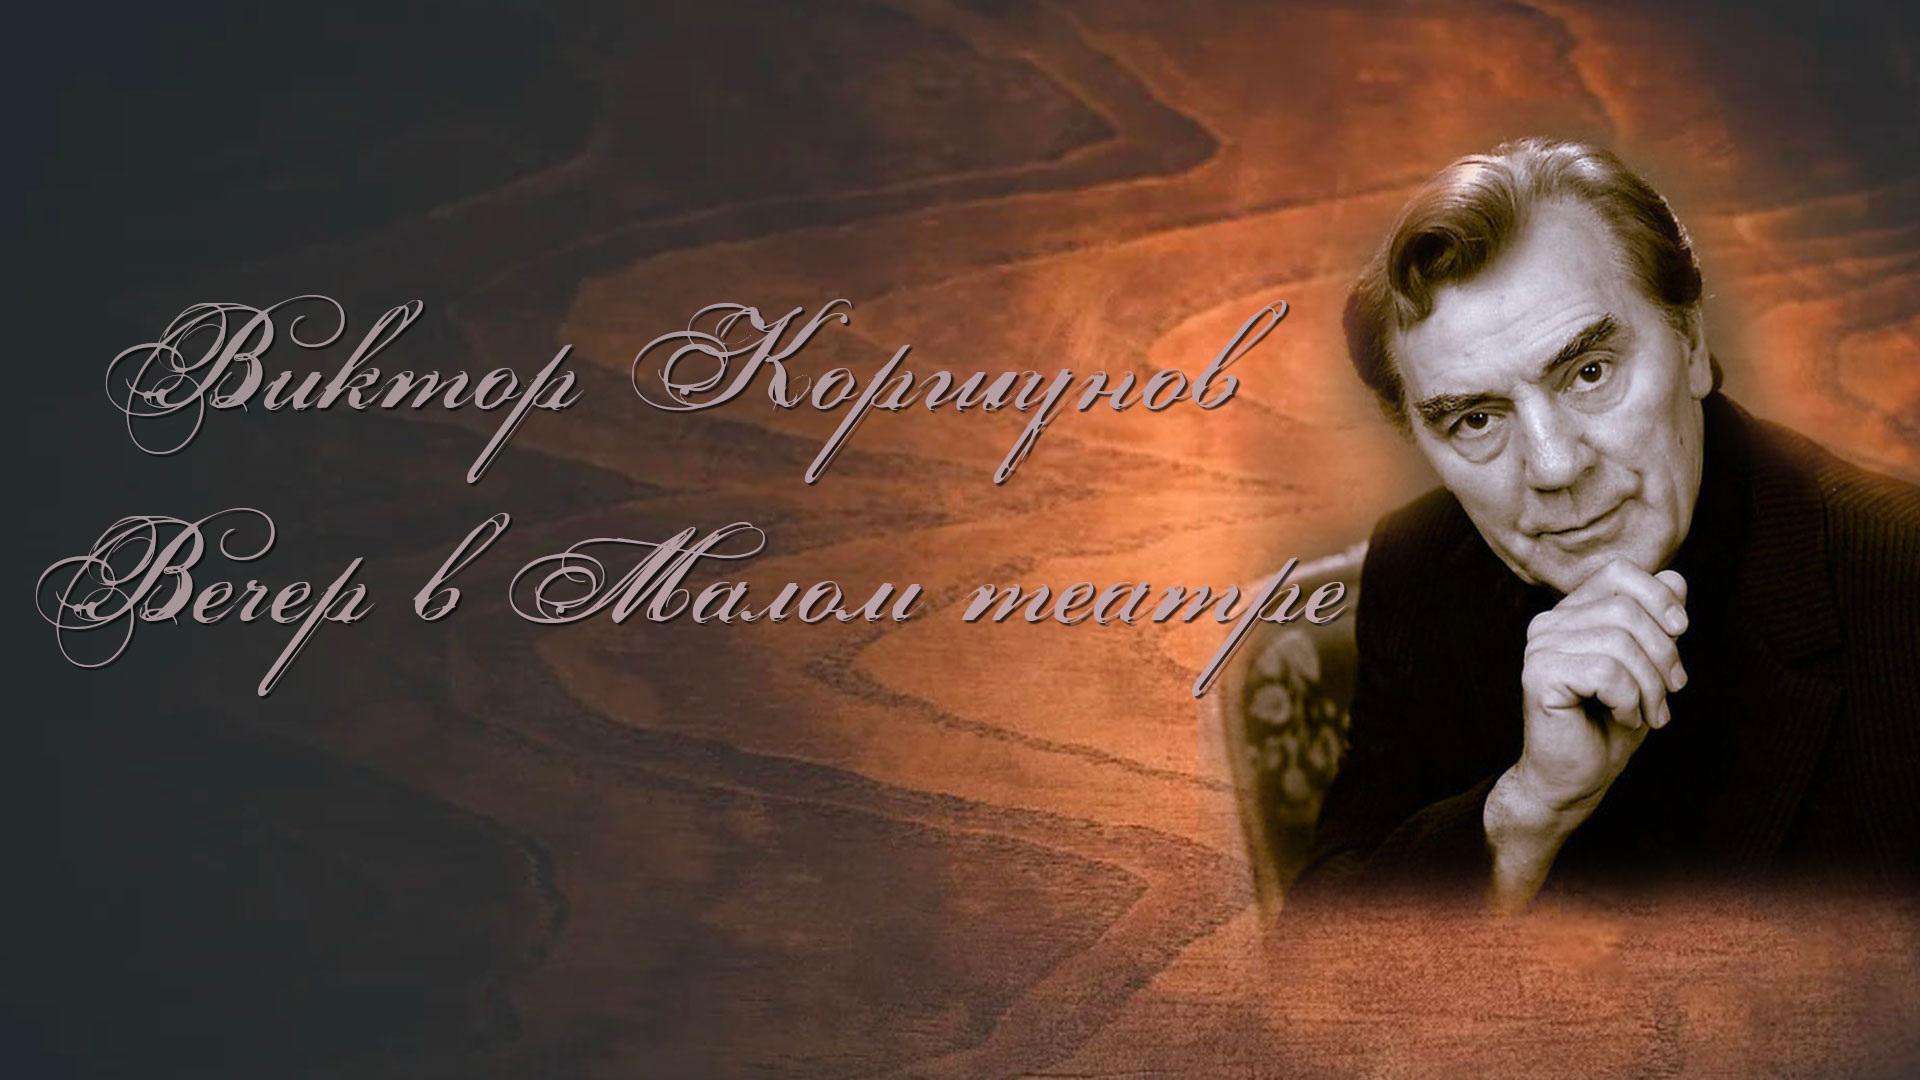 Виктор Коршунов. Вечер в Малом театре